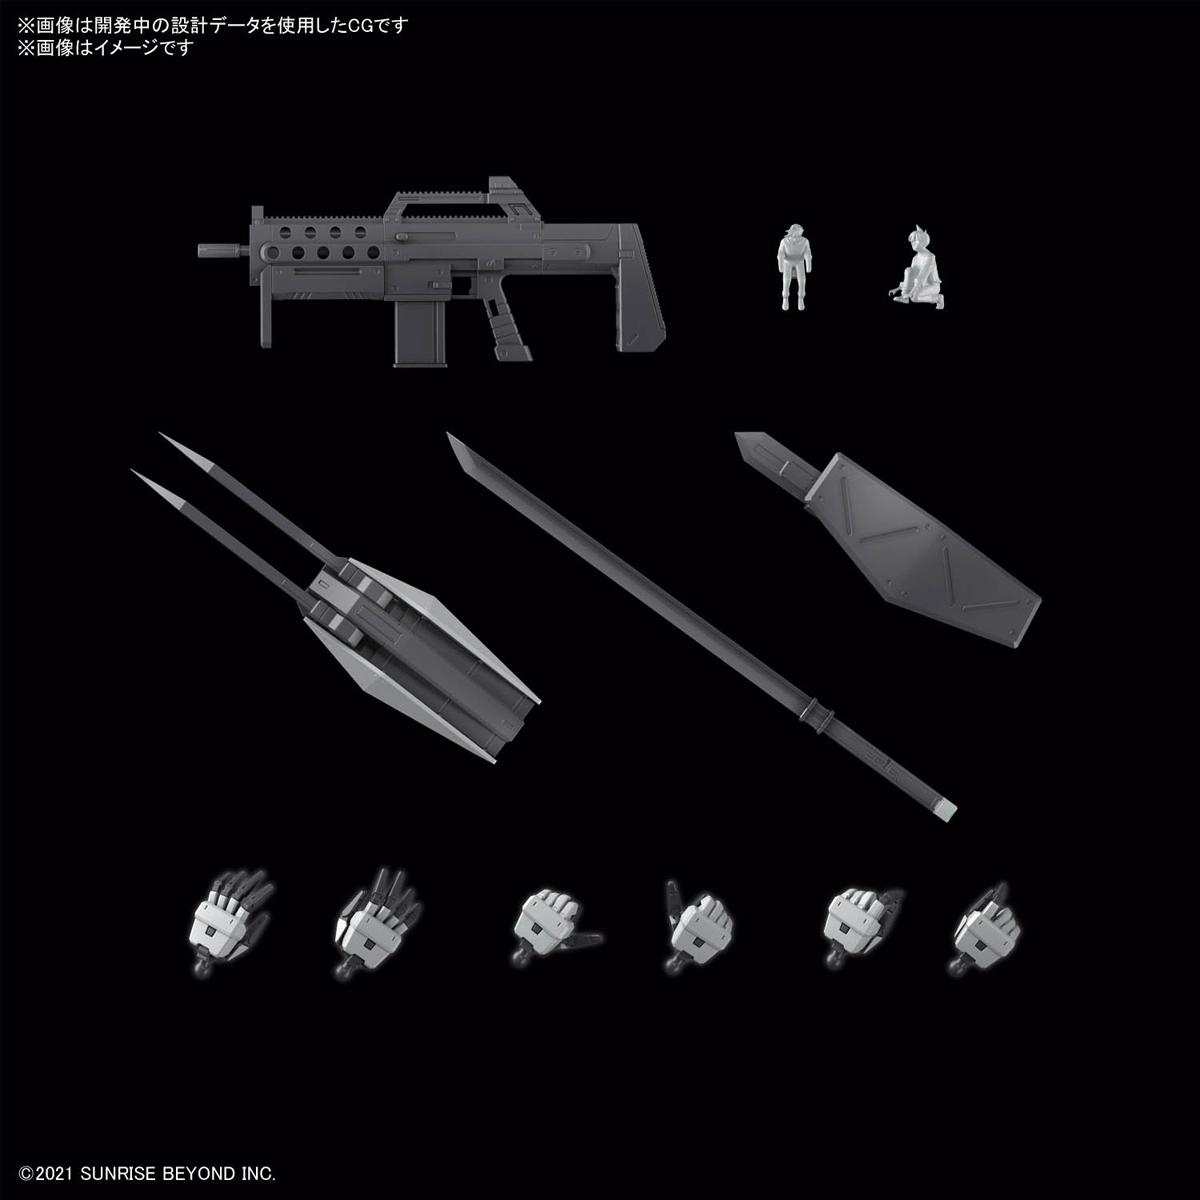 FULL MECHANICS 1/48『メイレスケンブ(初回限定クリア外装付き)』境界戦機 プラモデル-008